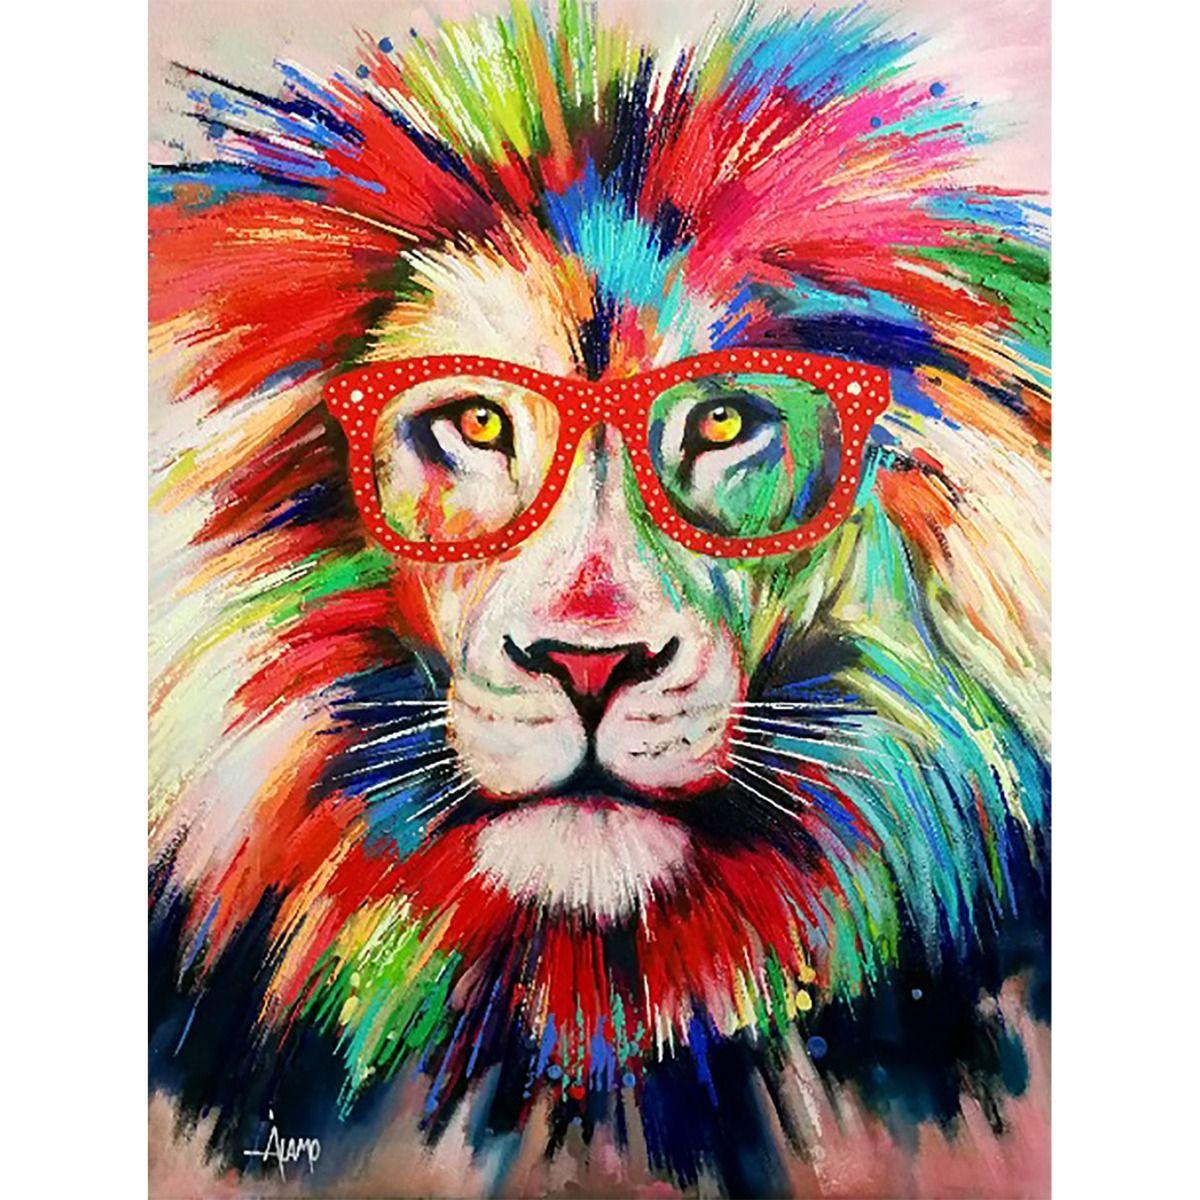 Serie ANIMALES | Cuadro abstracto león con gafas rojas (200 x 140 cm)